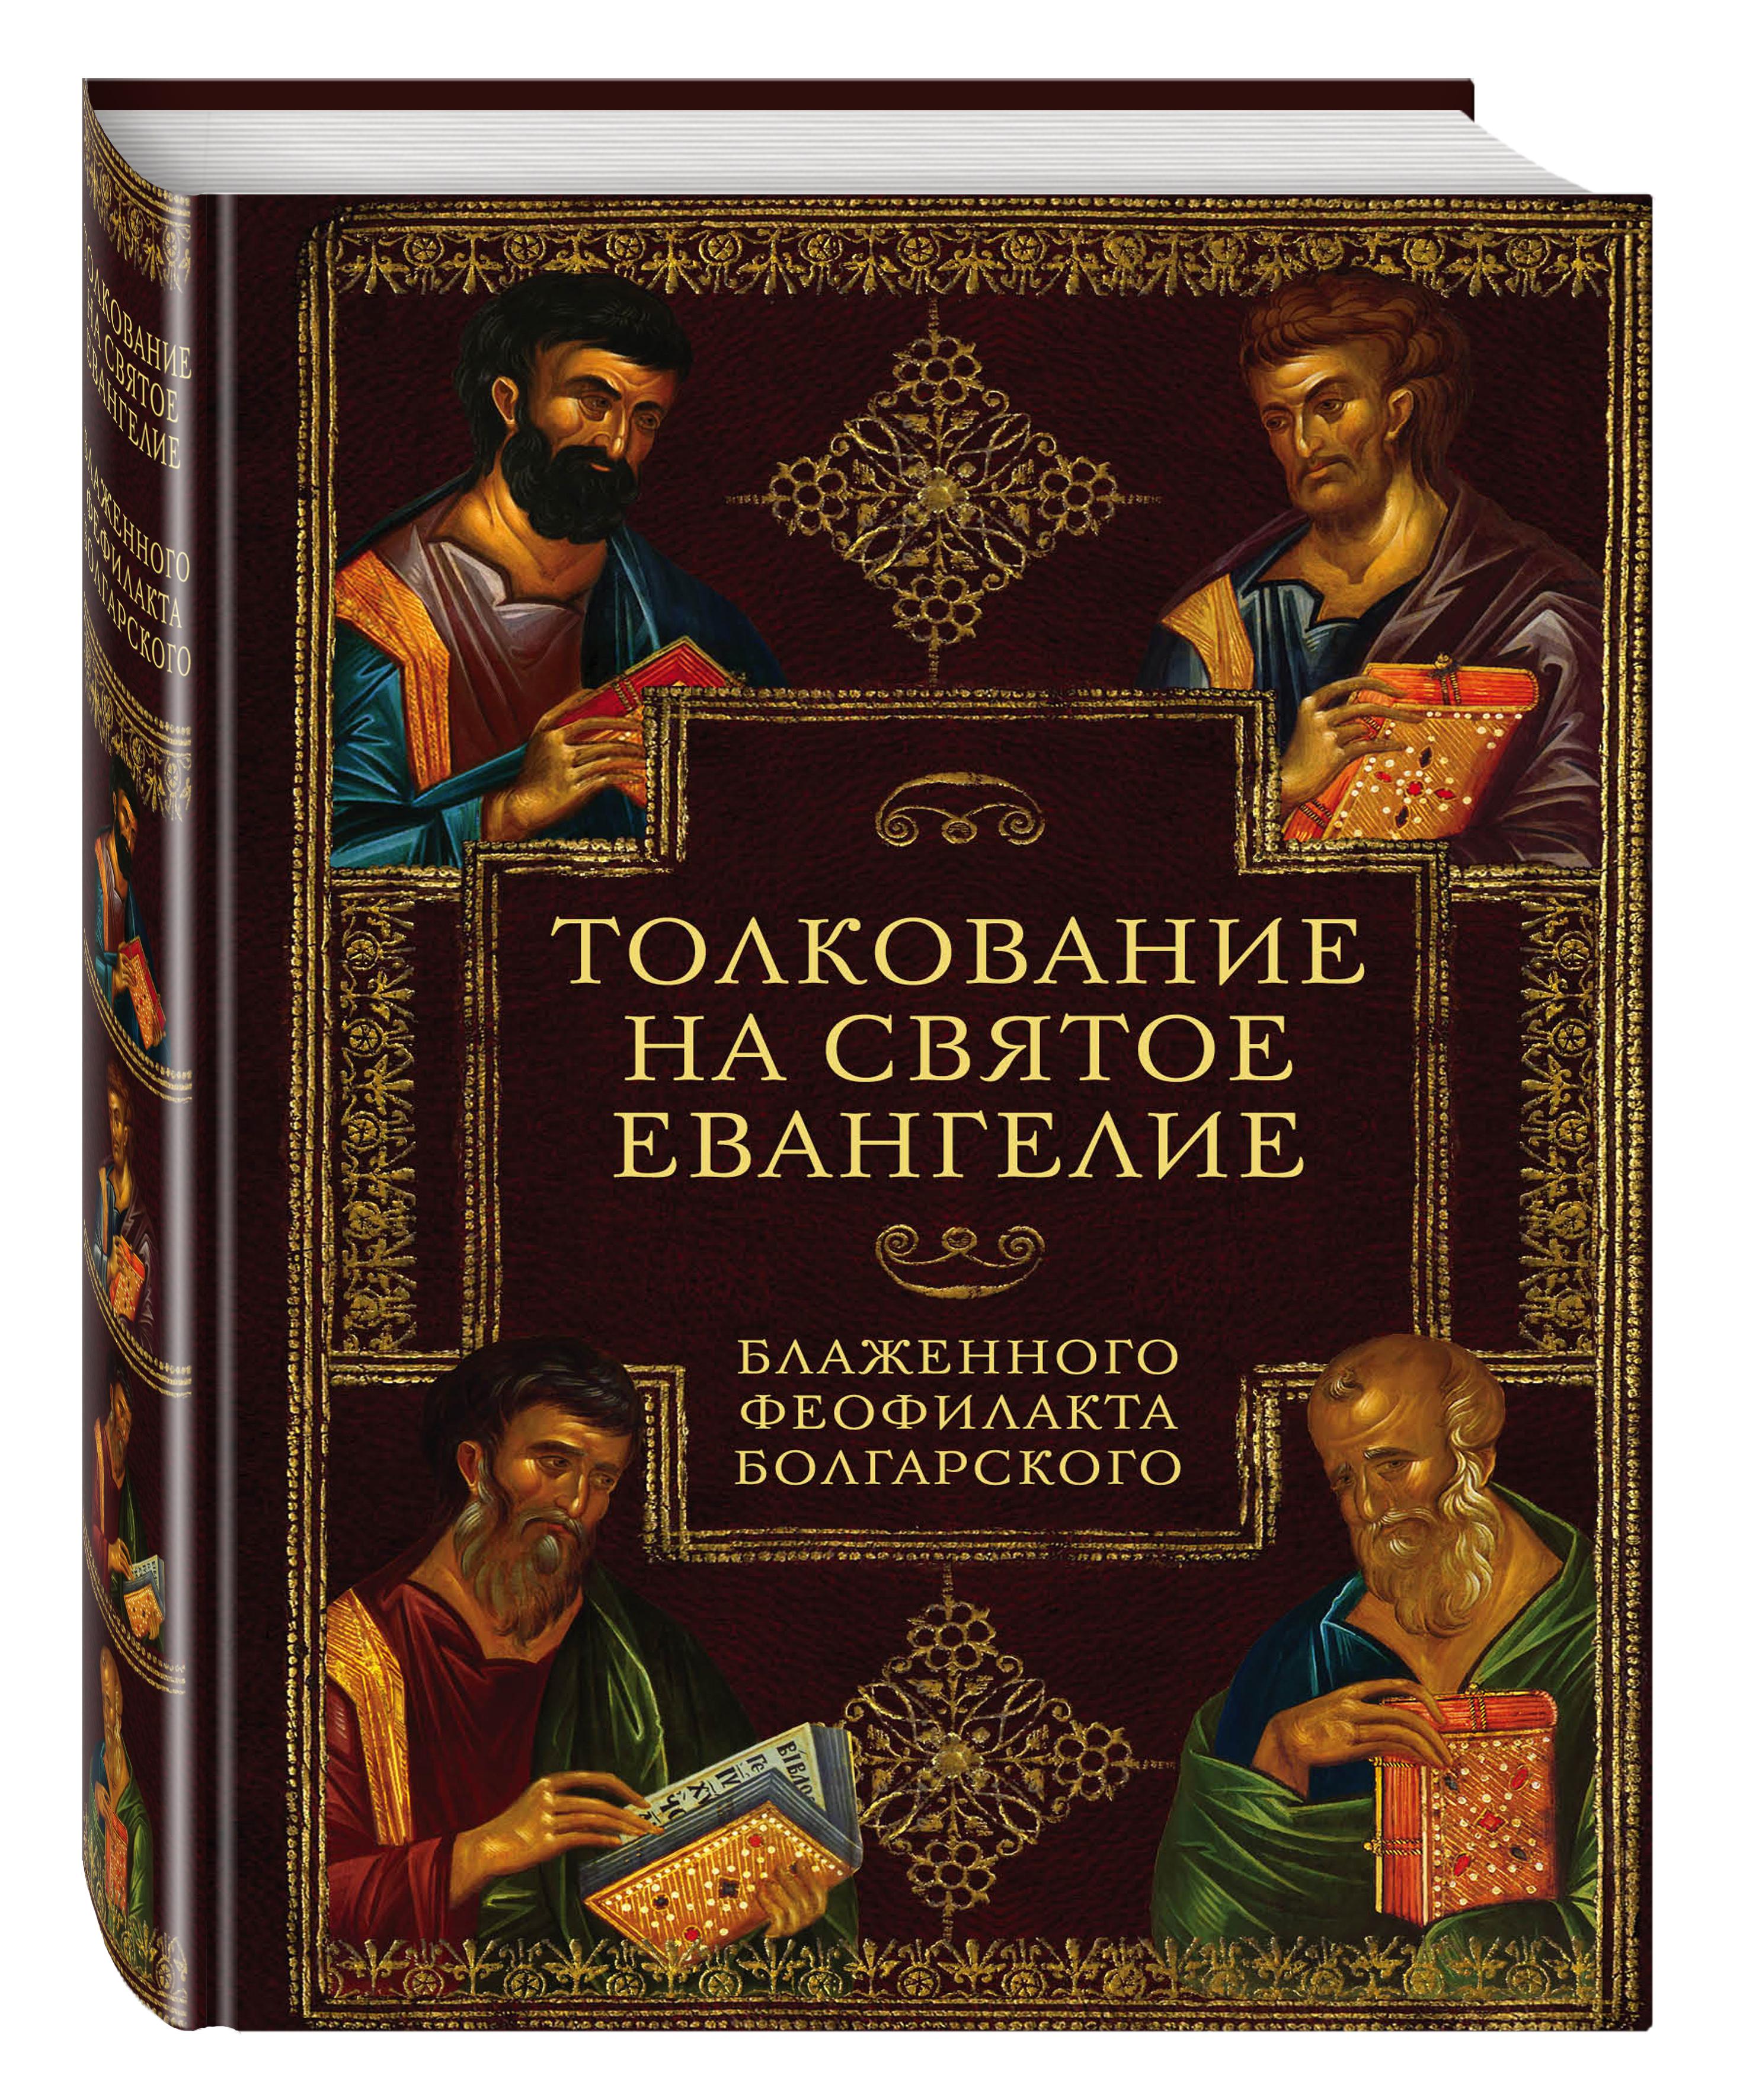 Толкование на Святое Евангелие Блаженного Феофилакта Болгарского отсутствует евангелие на церковно славянском языке